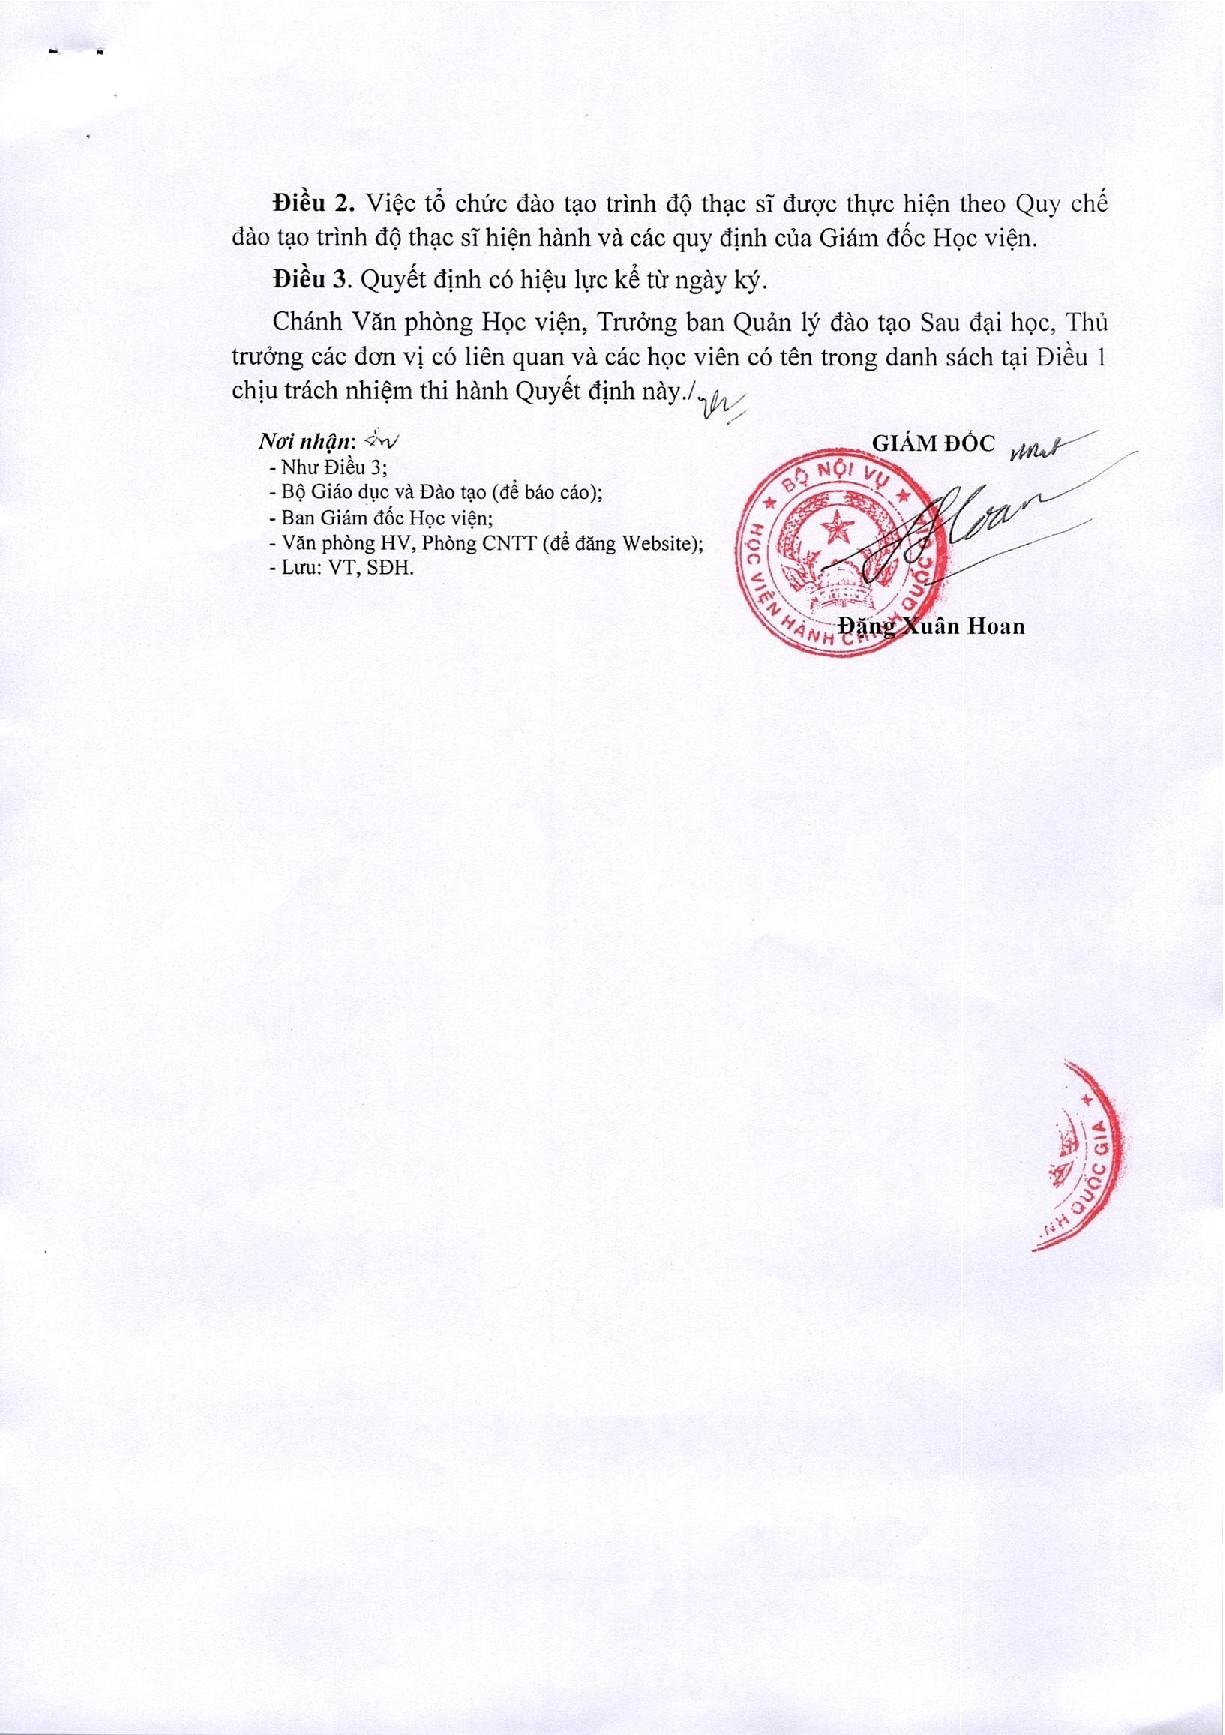 Quyết định về việc công nhận thí sinh TT đợt 2.2021_002